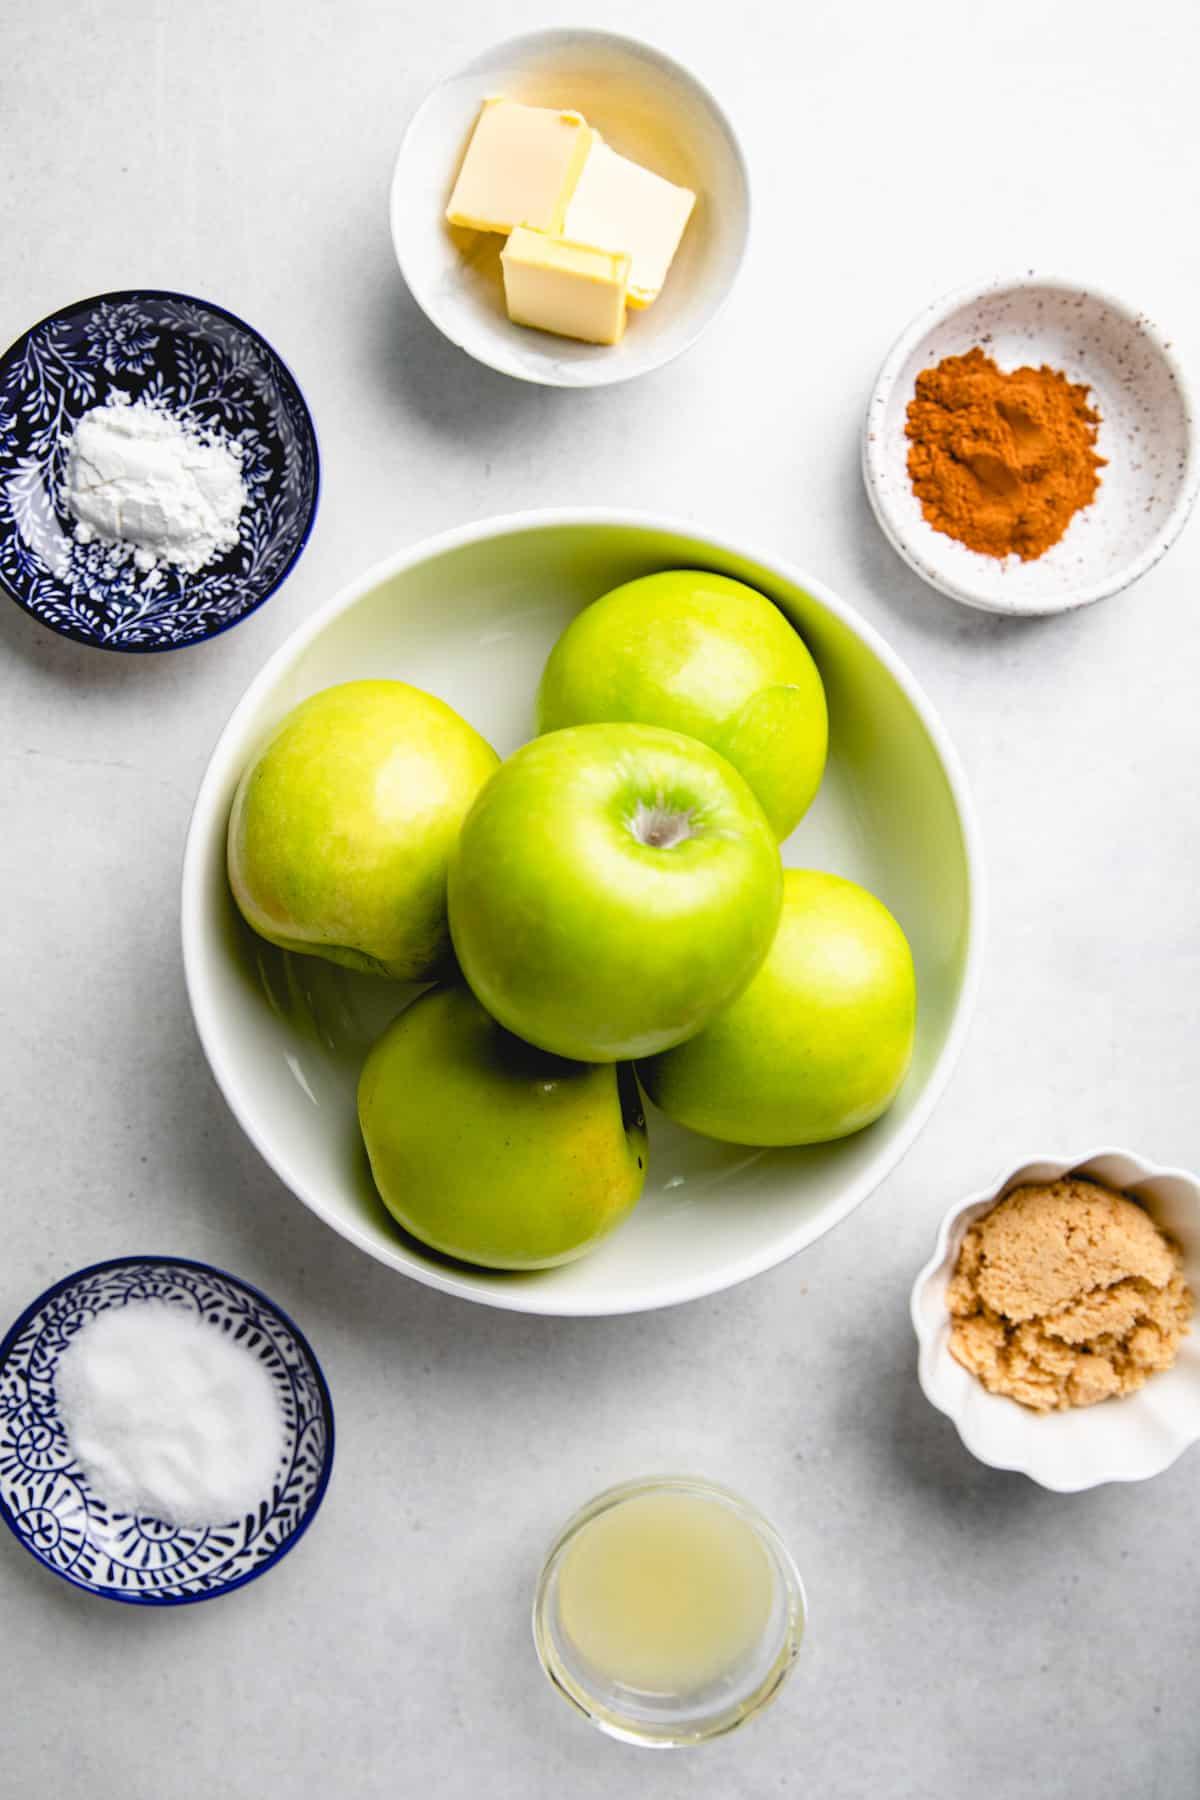 Ingredients for cinnamon baked apples.